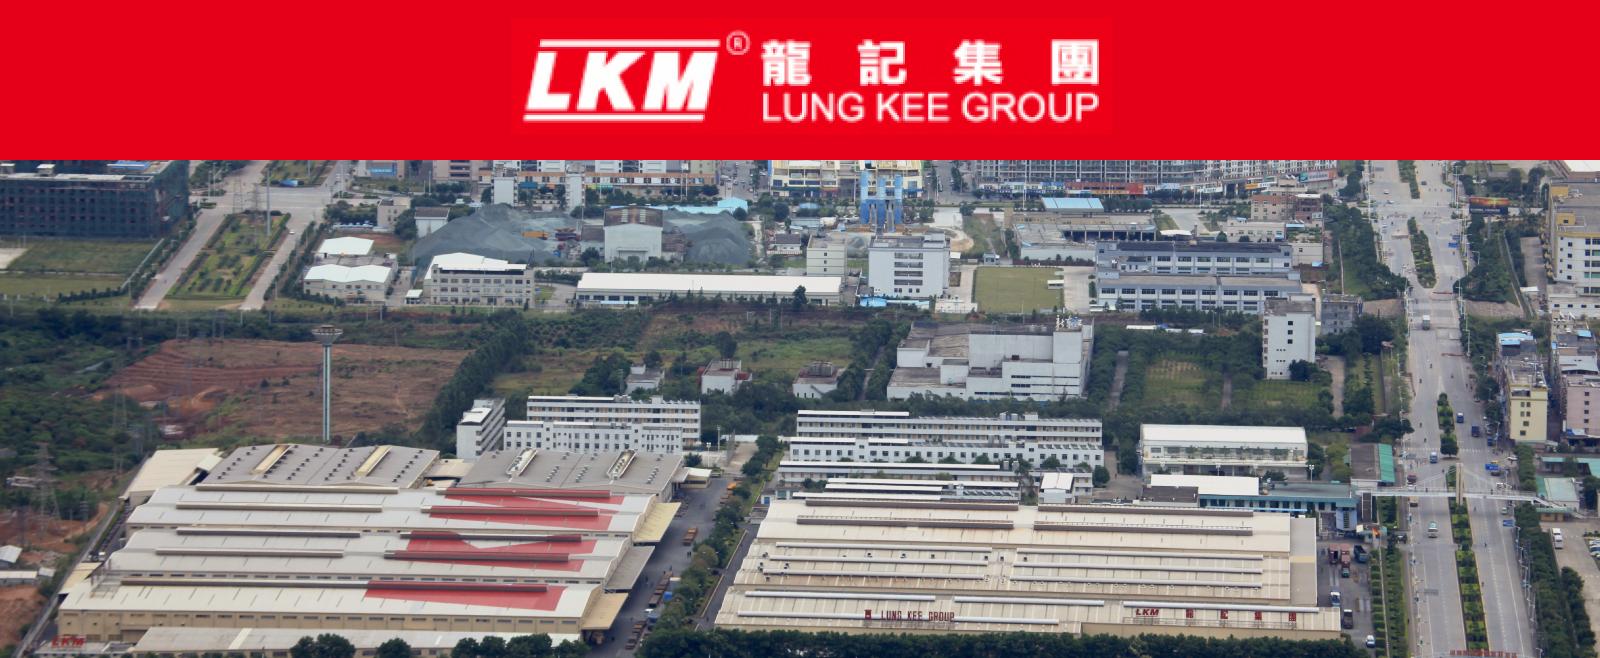 LKM(ルンキーメタル代理店業務)